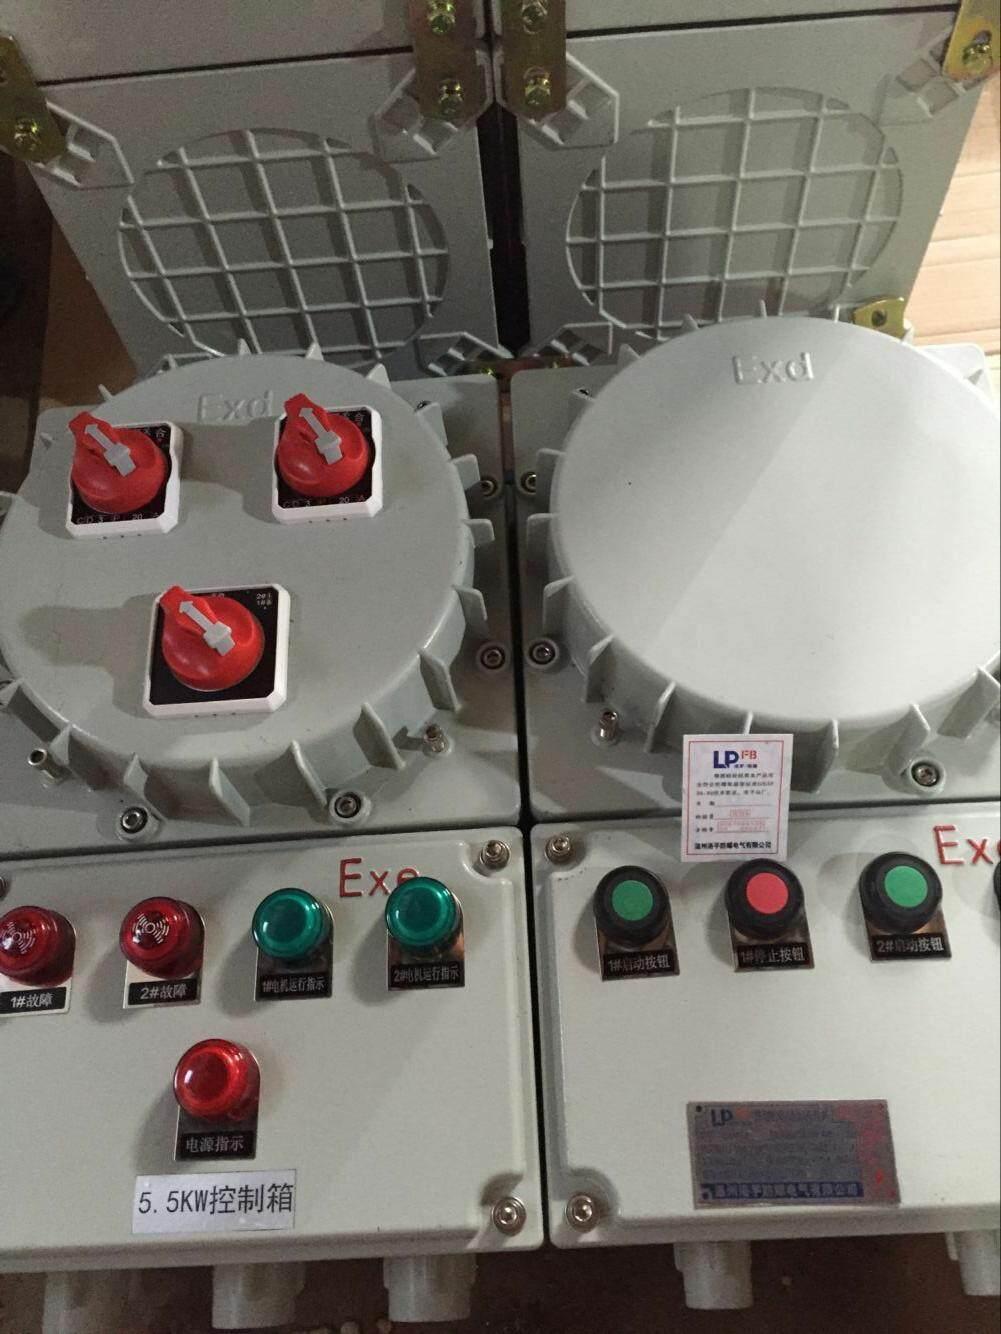 防爆配电柜 防爆照明动力配电箱 控制箱 接线箱 操作柱 灯具 空调